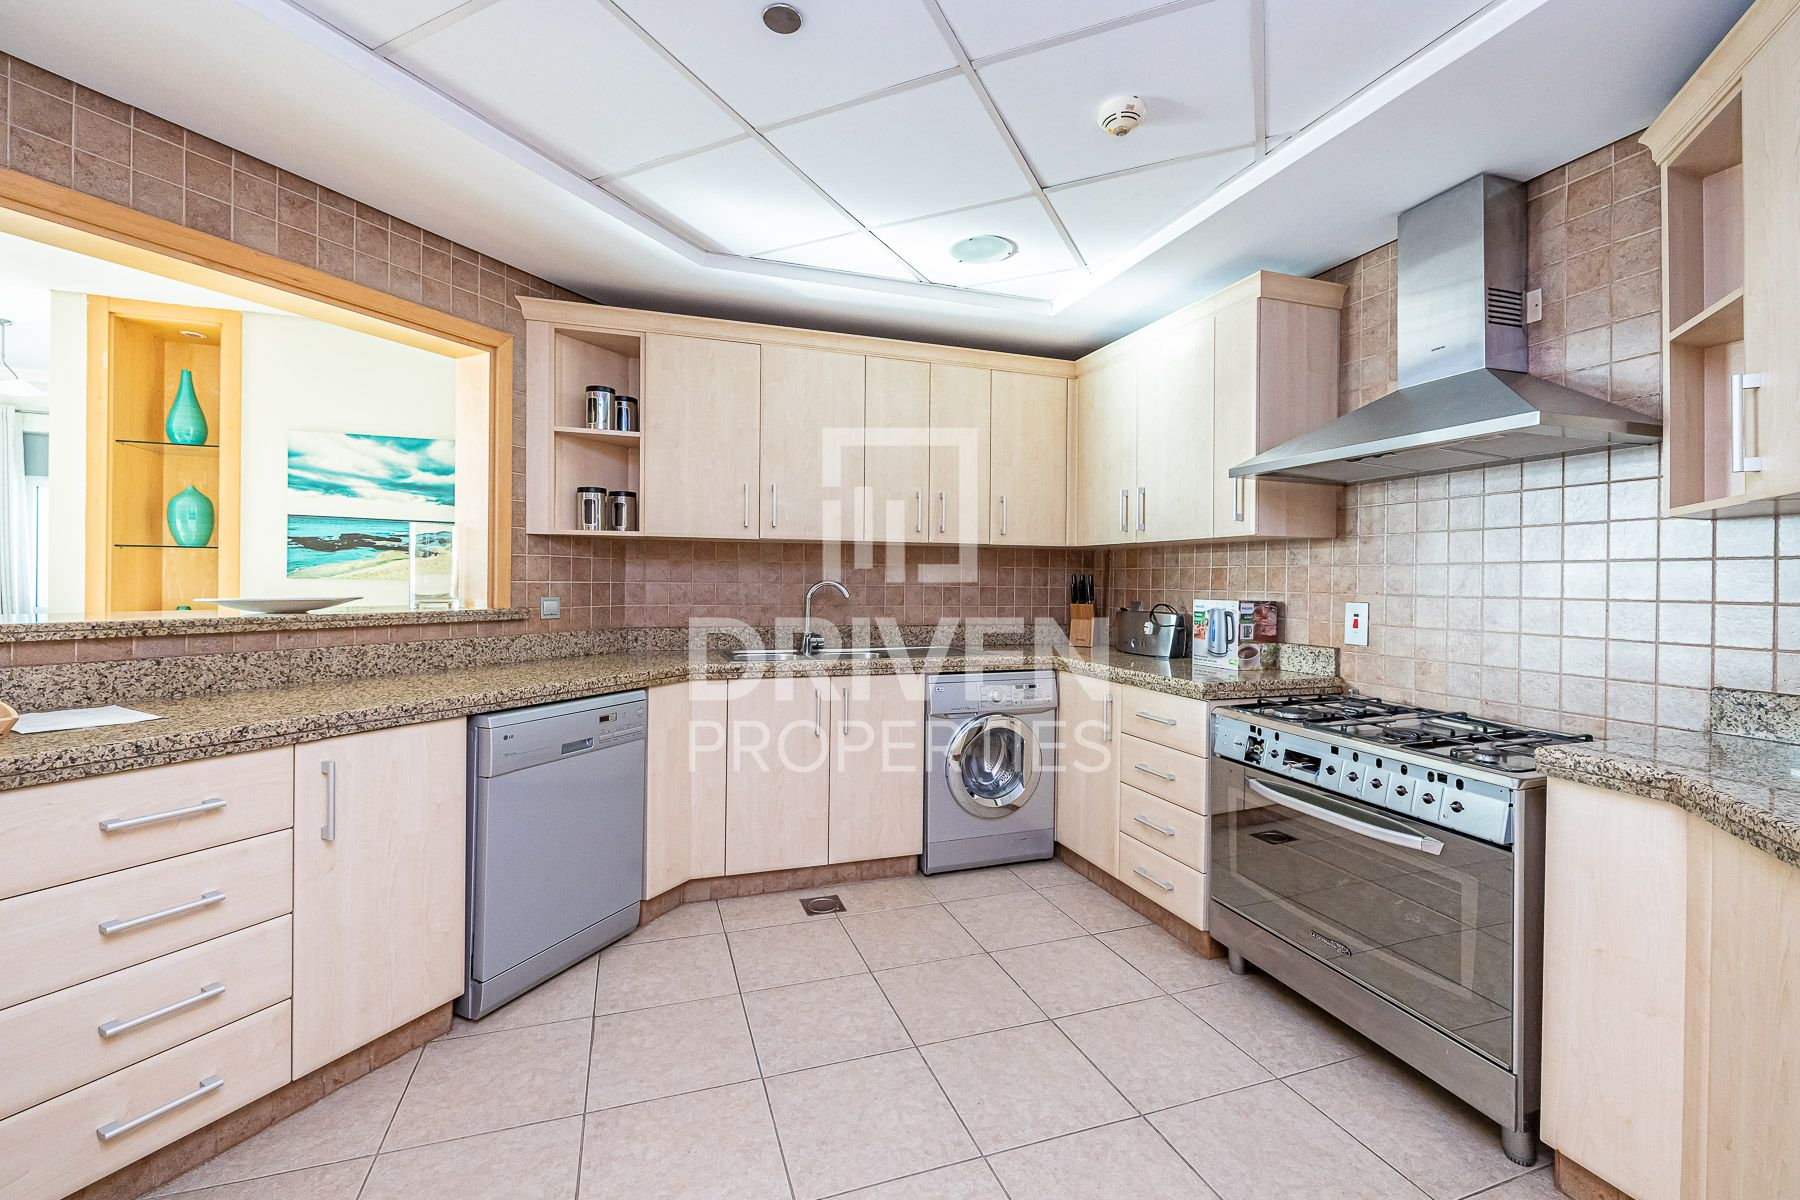 Apartment for Rent in Al Das - Palm Jumeirah